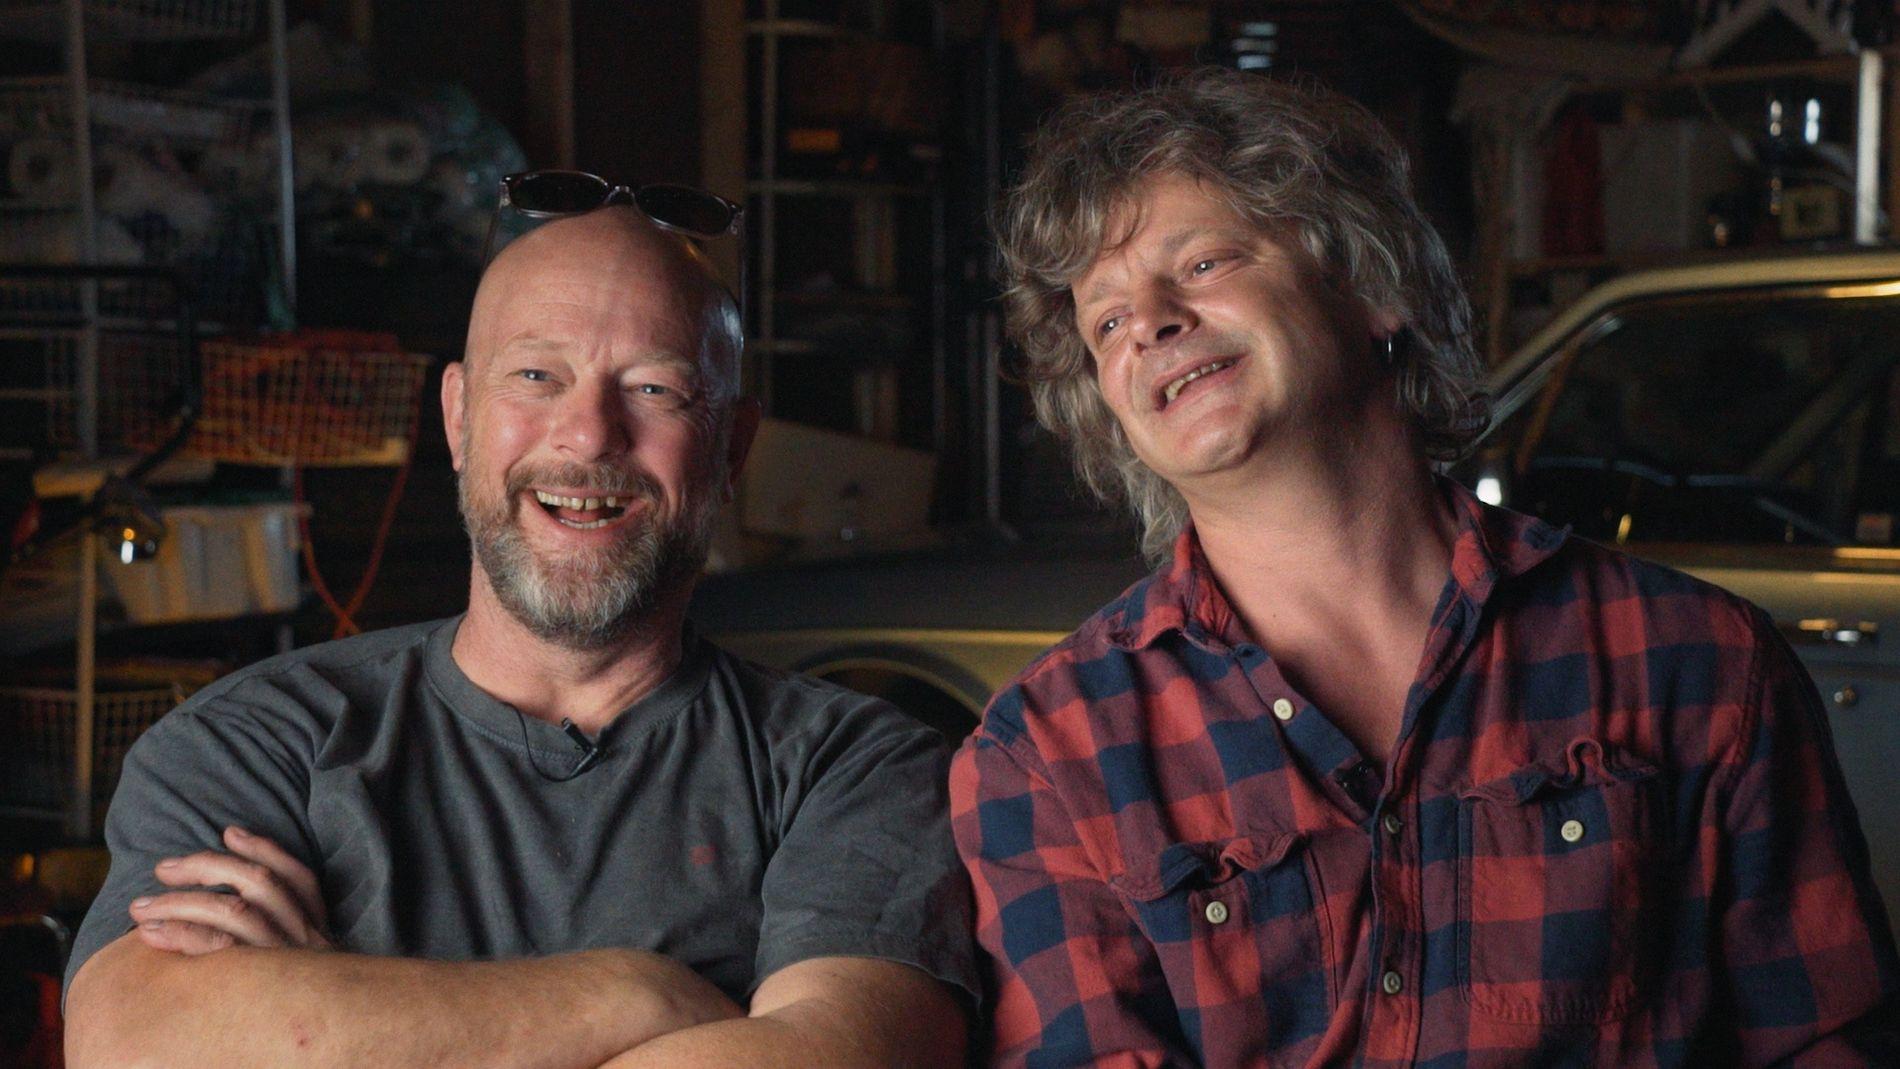 KJENTE TRYNER: Geir Schau (til venstre) og Prepple Houmb i «For vi er gutta».